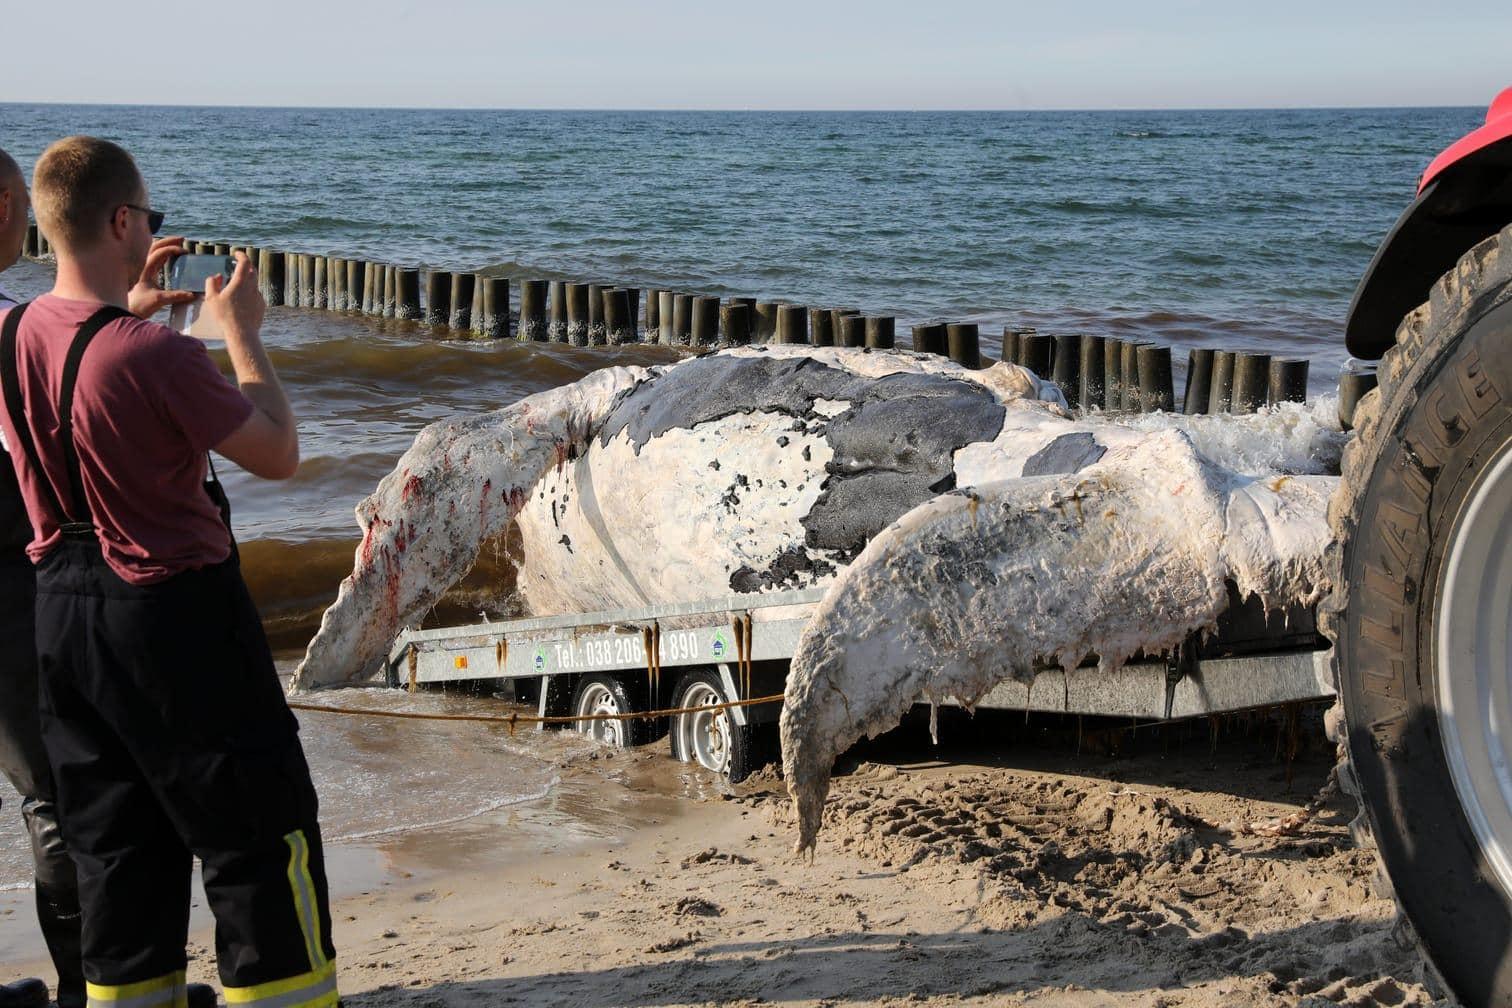 dass der Buckelwal seit gut einer Woche tot ist.</p> Foto: dpa